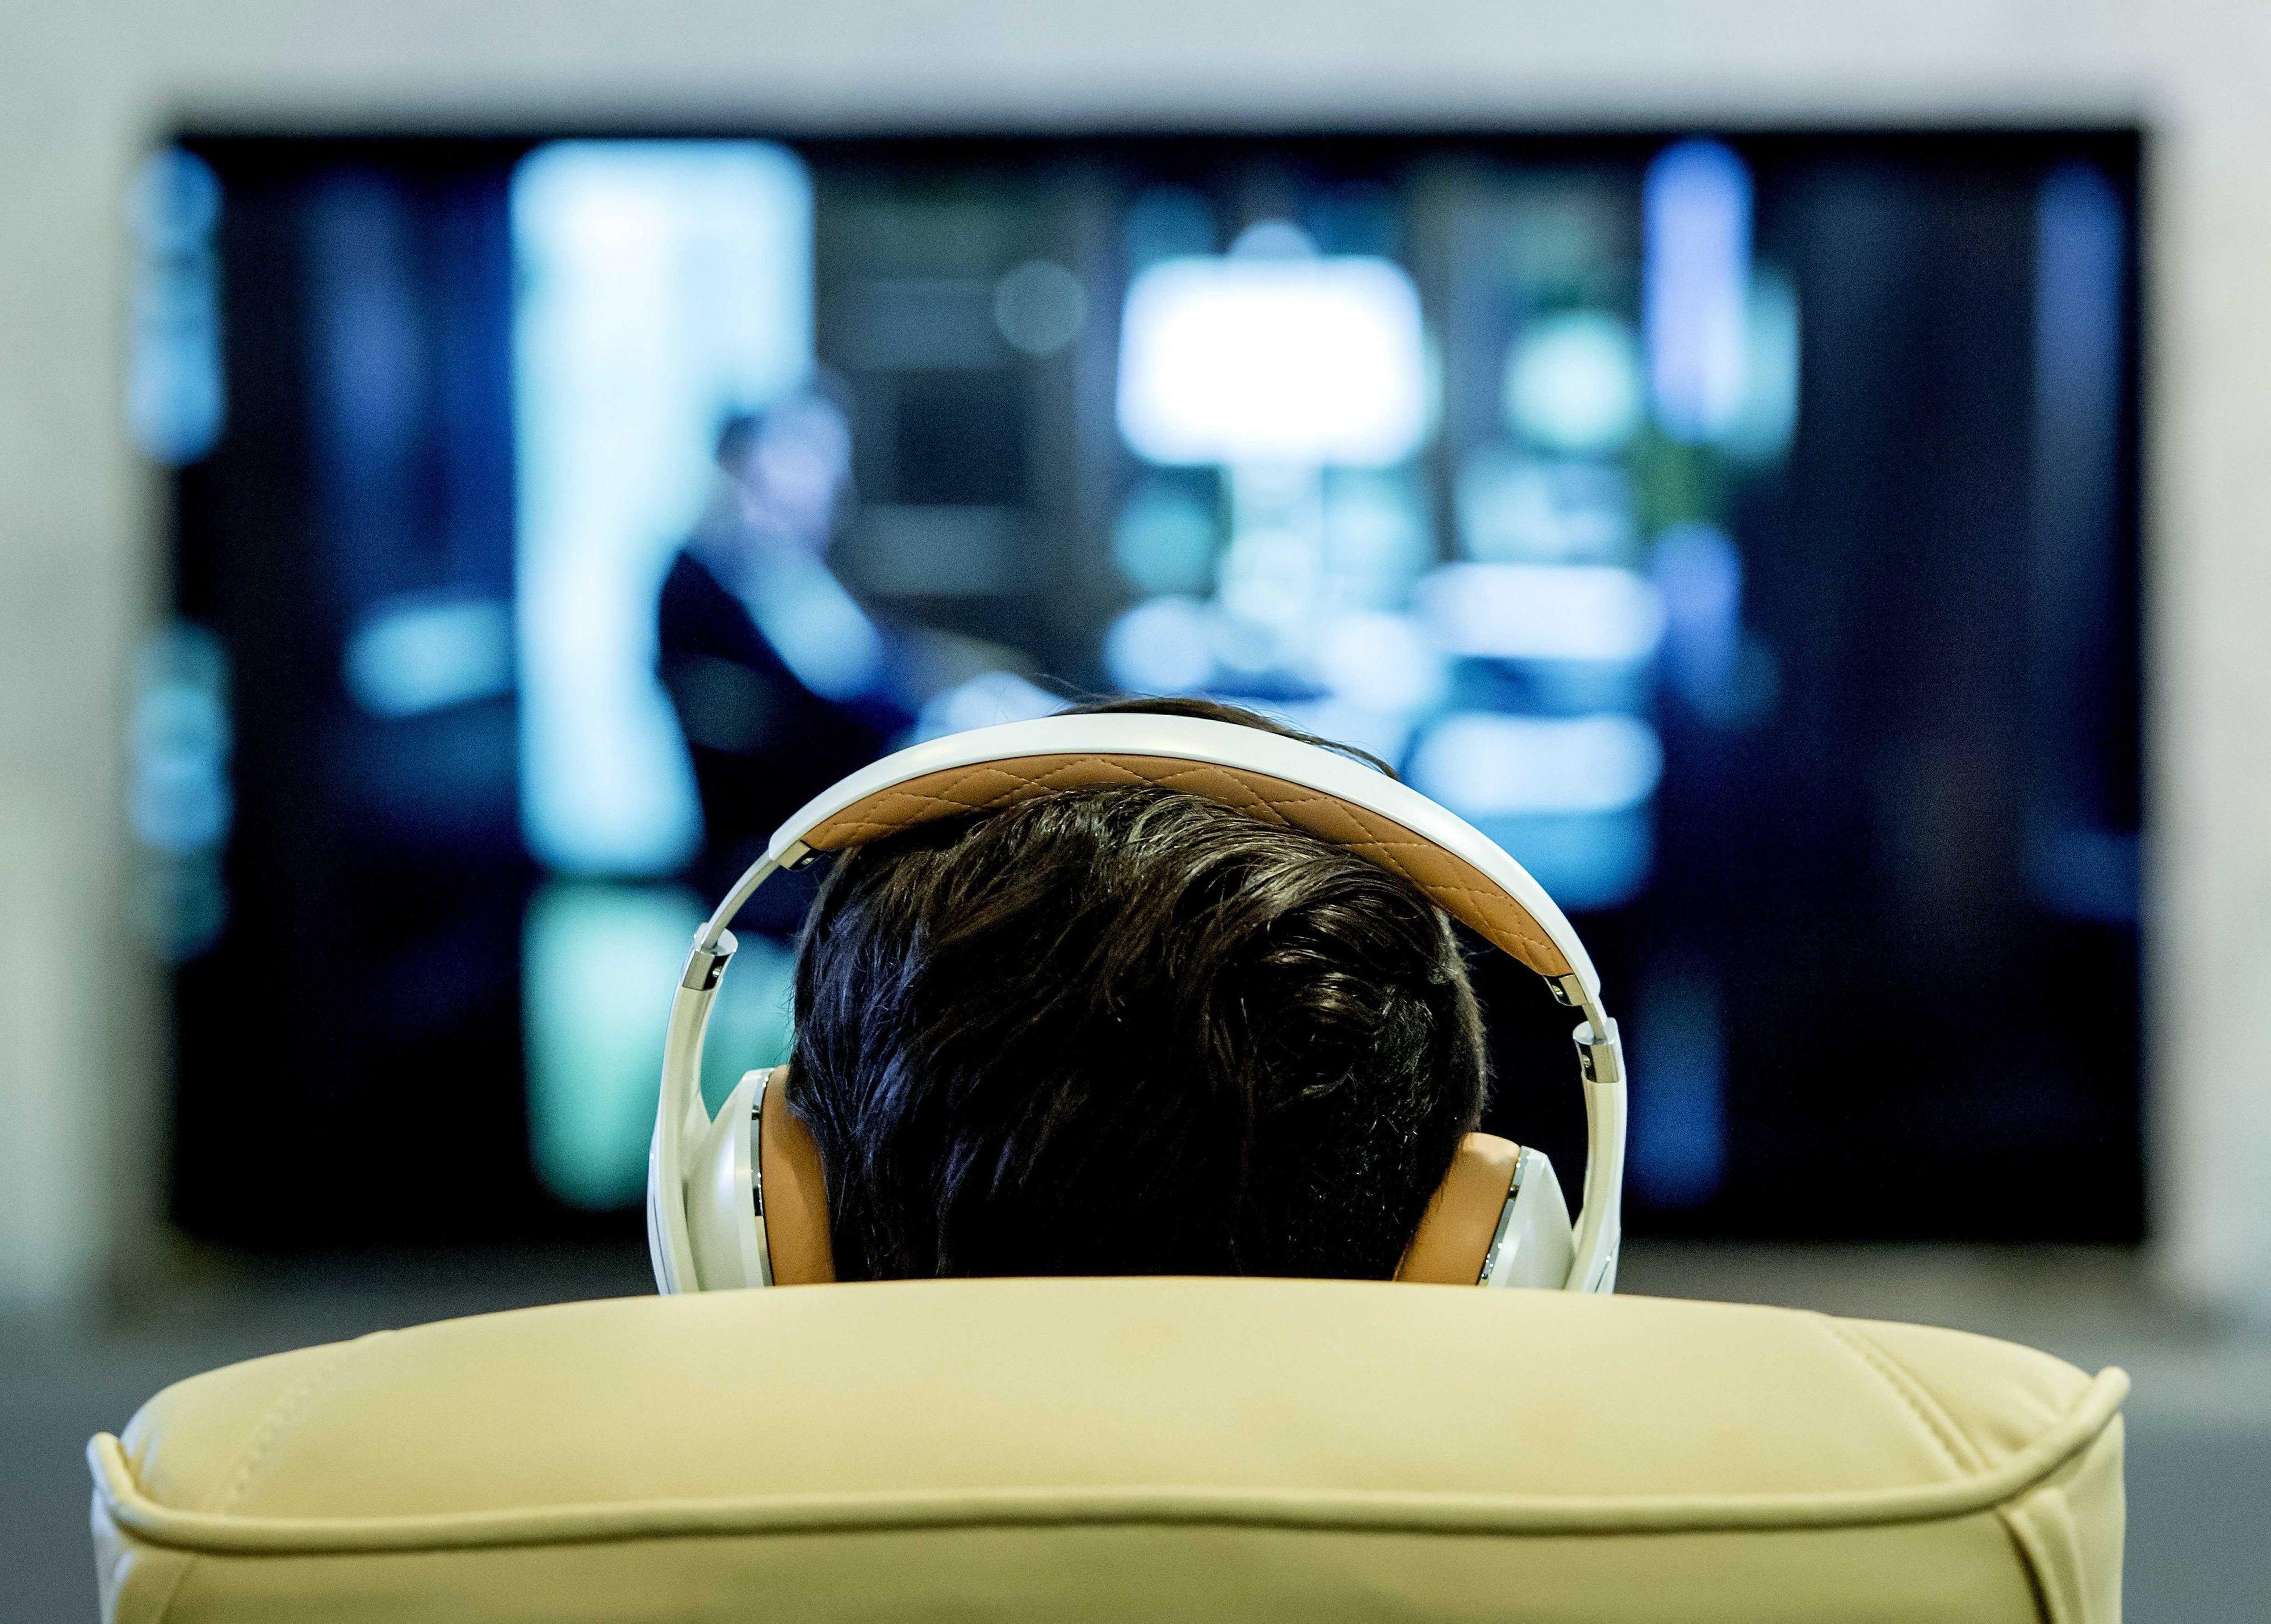 Distribuidores podem exibir cinema português em plataformas e TV por subscrição